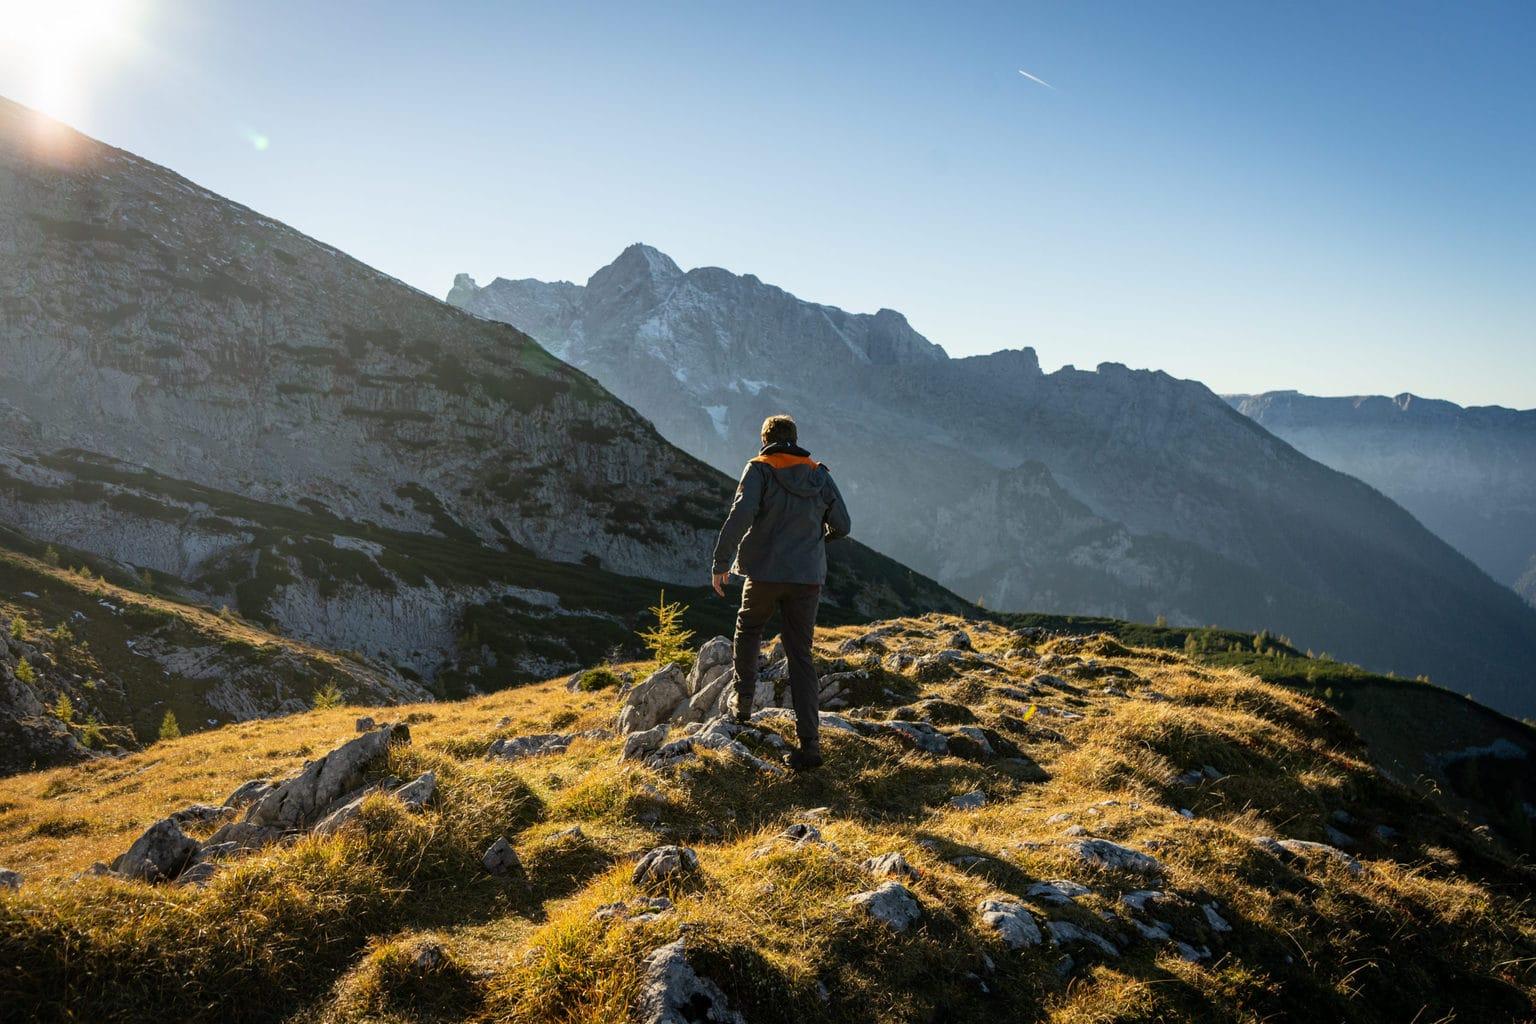 De Alpen in be buurt van de Chiemsee in Beieren